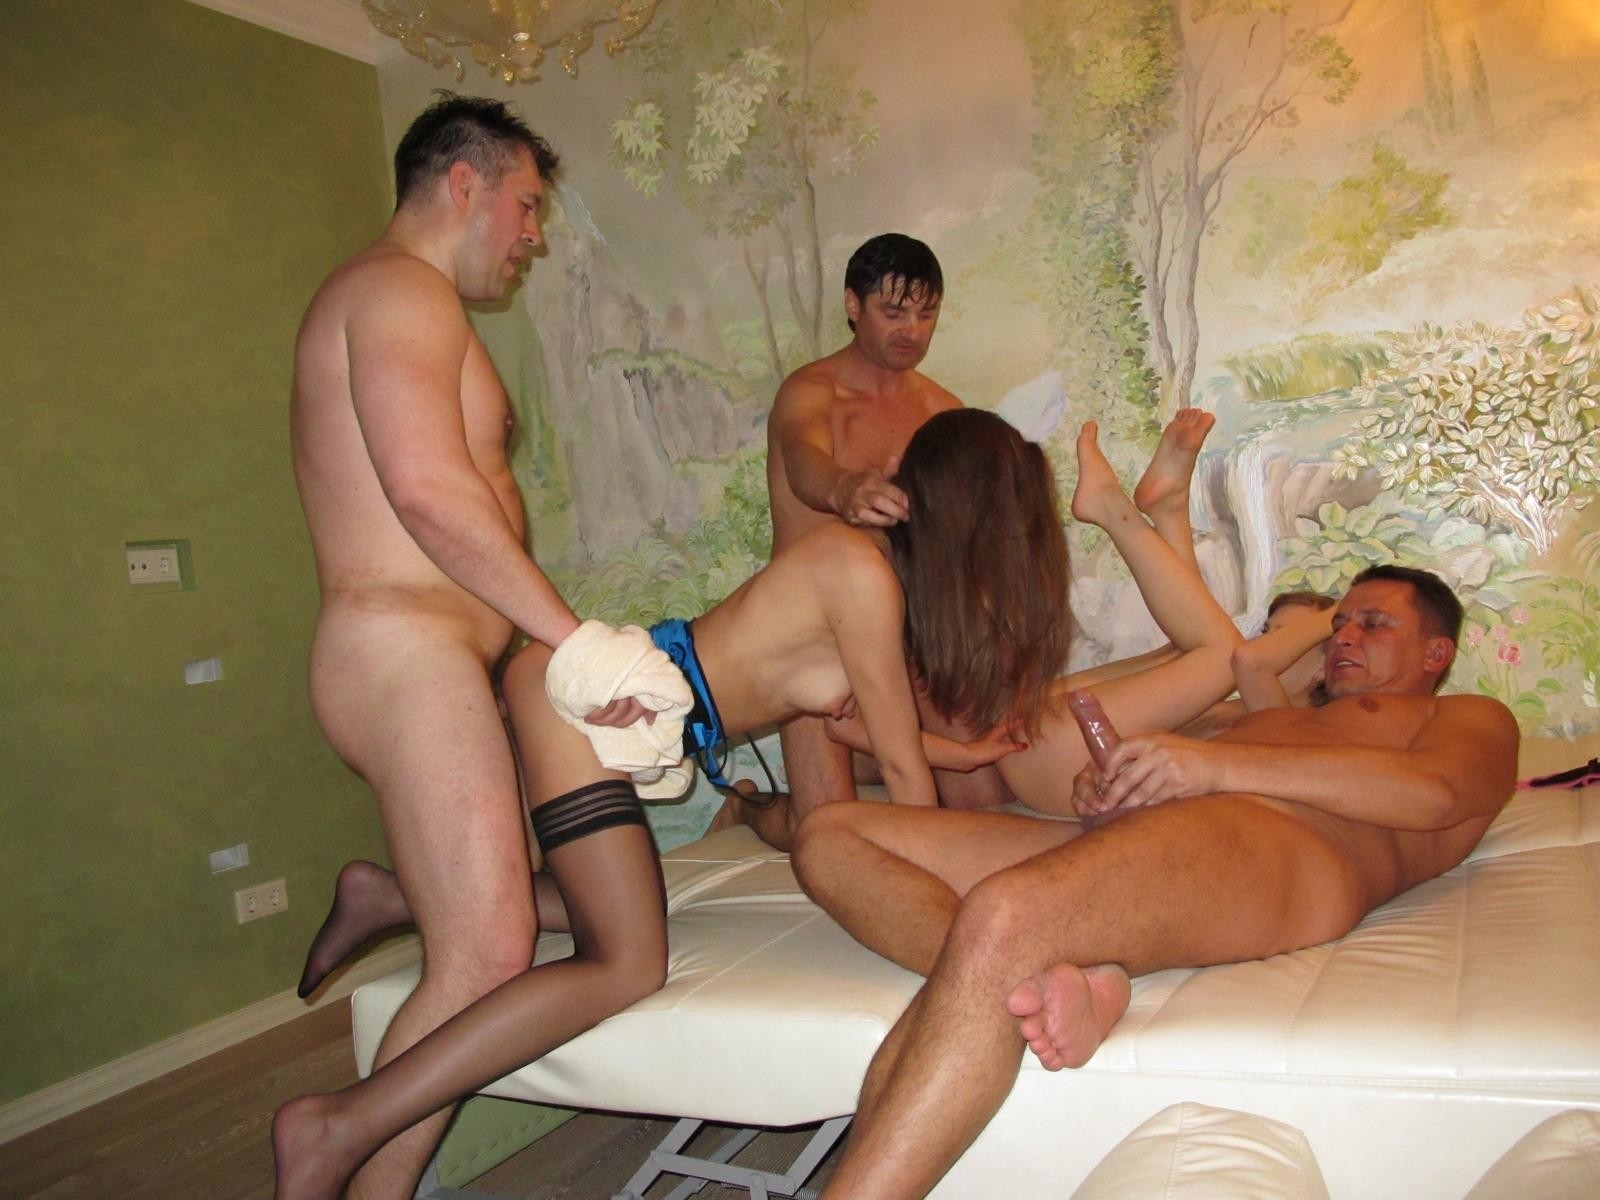 Фото парни вызвали проститутку, женщины в возрасте фото лесбиянки